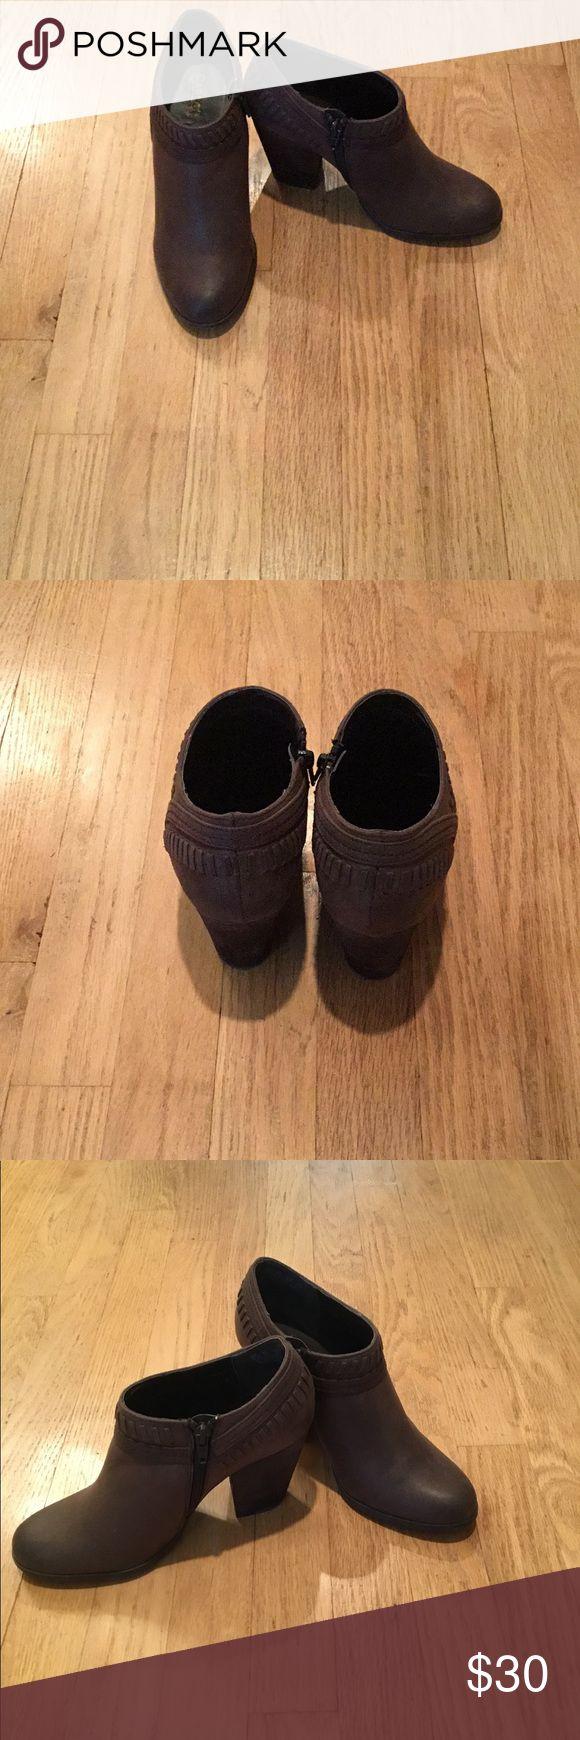 Carlos Santana Booties Dark brown. Worn twice. Normal wear on the heels due to being worn outdoors. Carlos Santana Shoes Ankle Boots & Booties